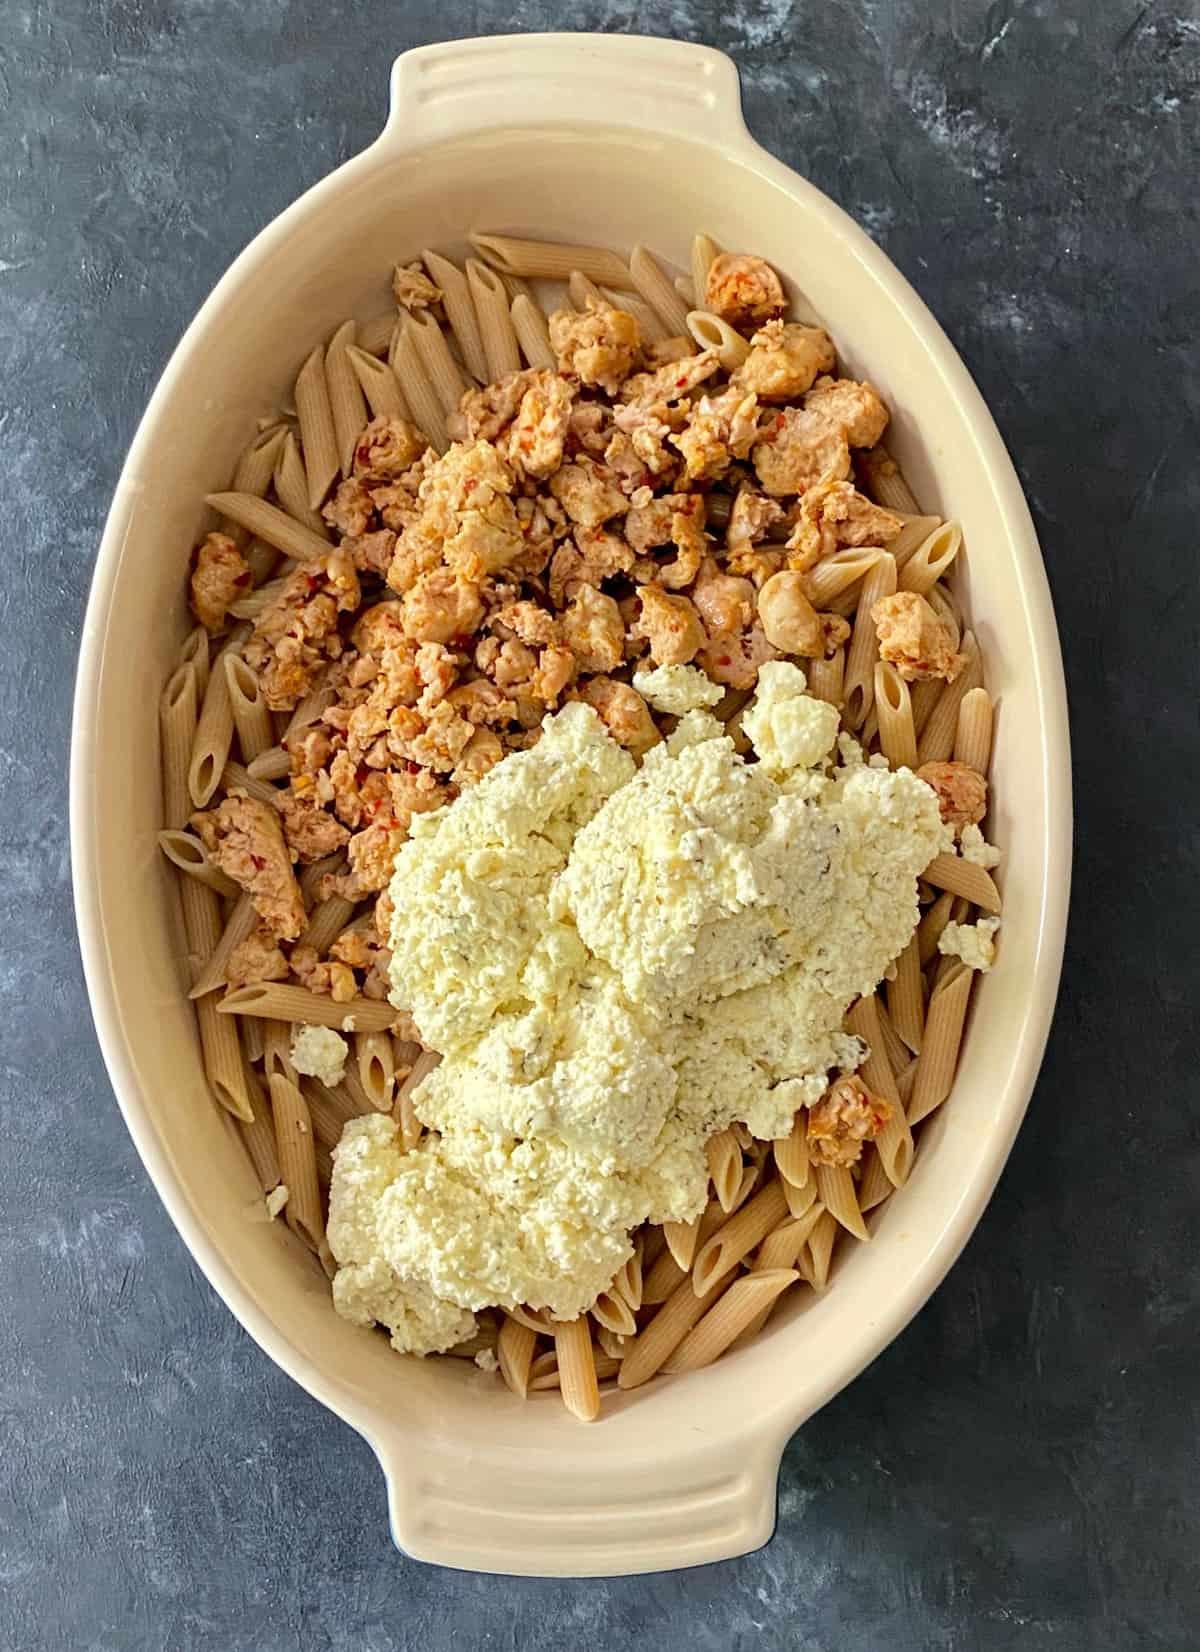 baked ziti casserole before baking